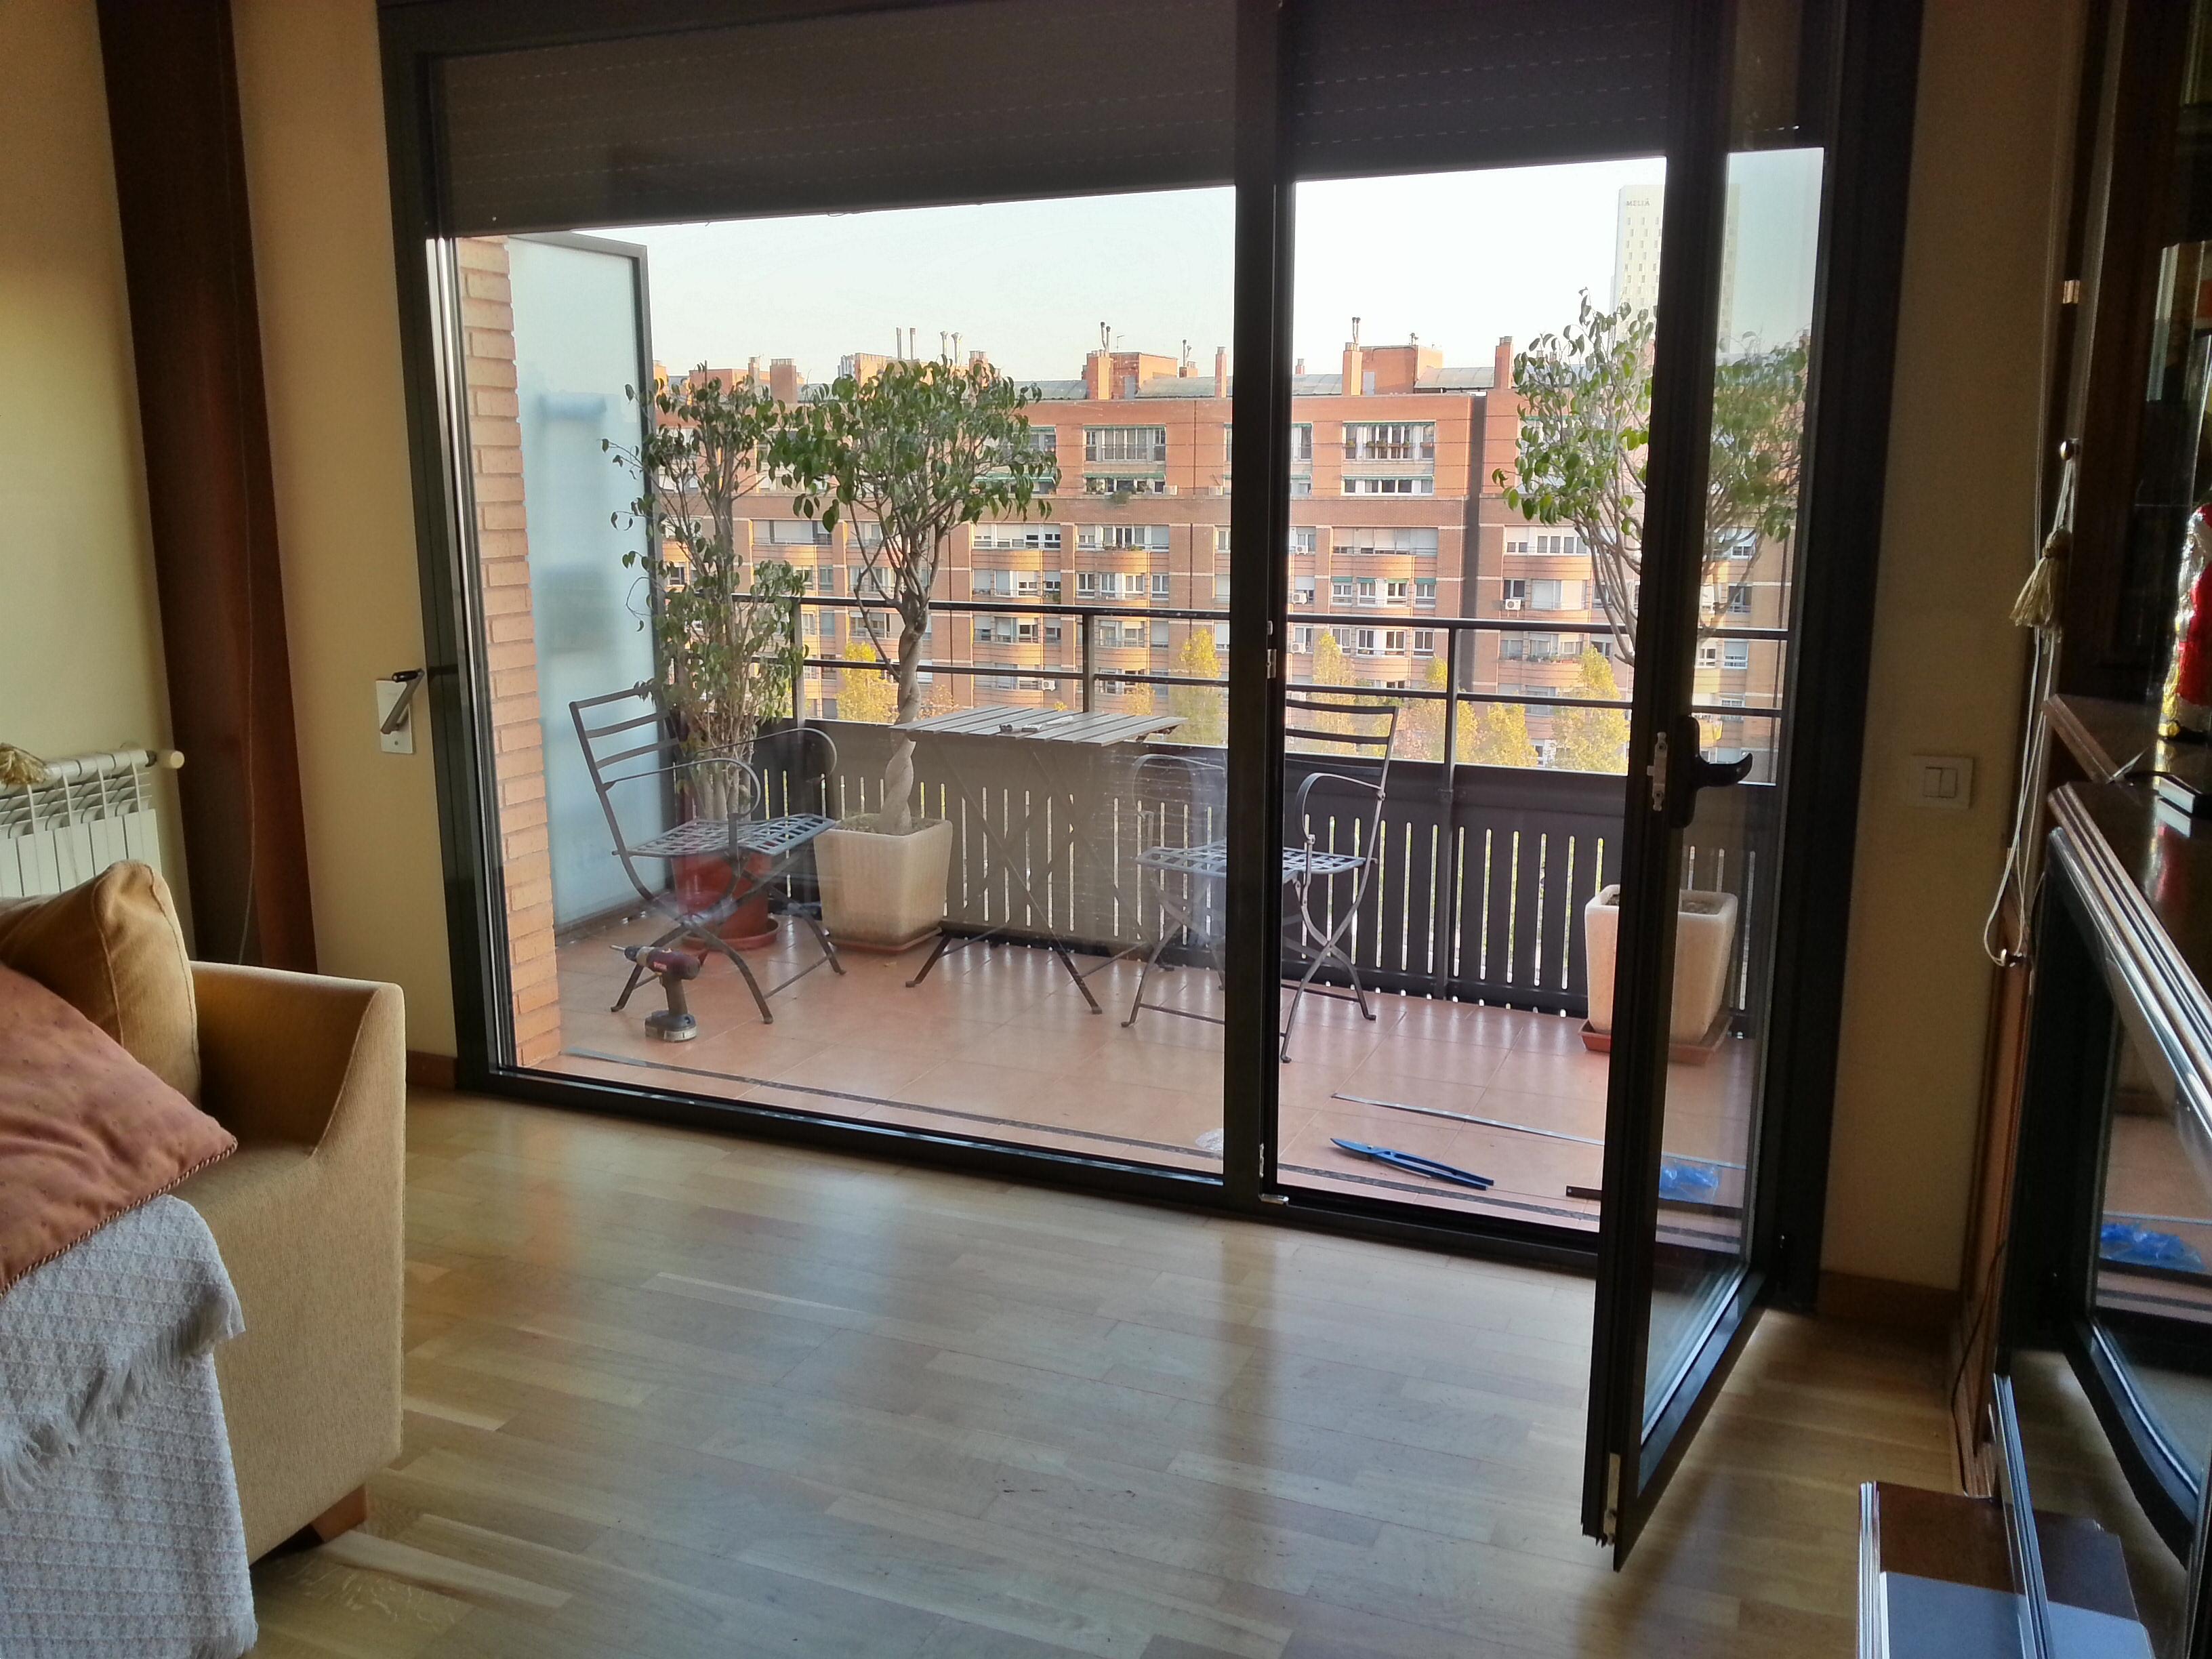 Puertas y ventanas de aluminio de la serie stilo 60 rpt de fabricaci n propia con acabado lacado - Puerta terraza ...